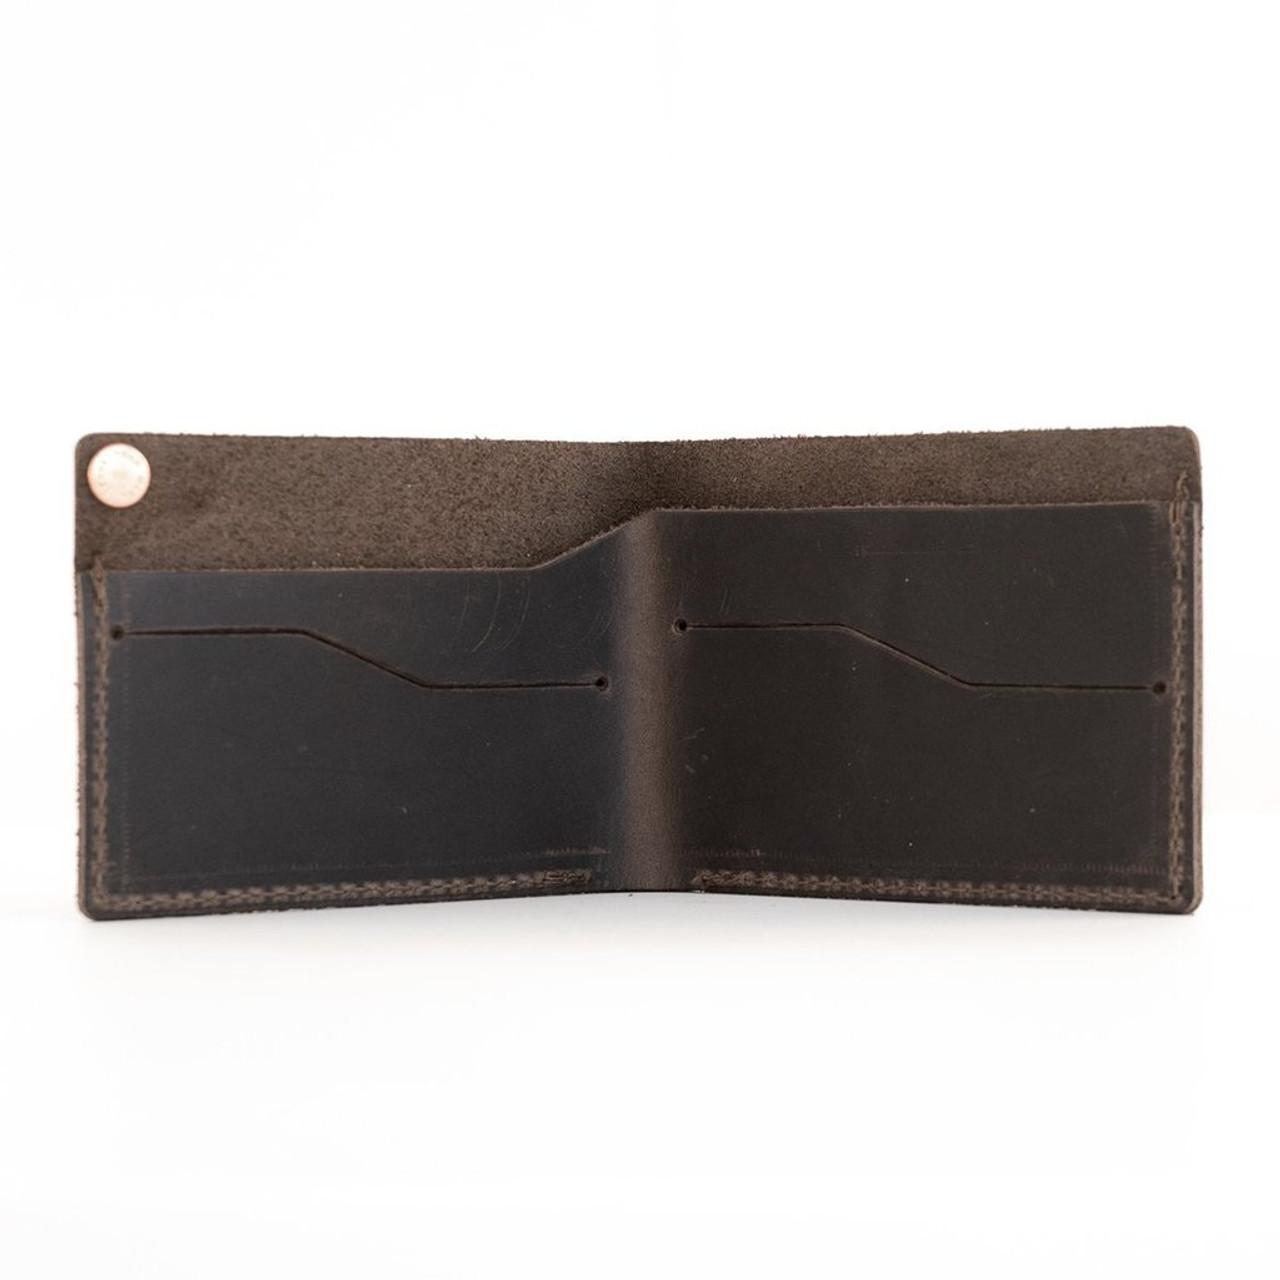 Rustico Minimalist Bifold Leather Wallet - Dark Brown - Open